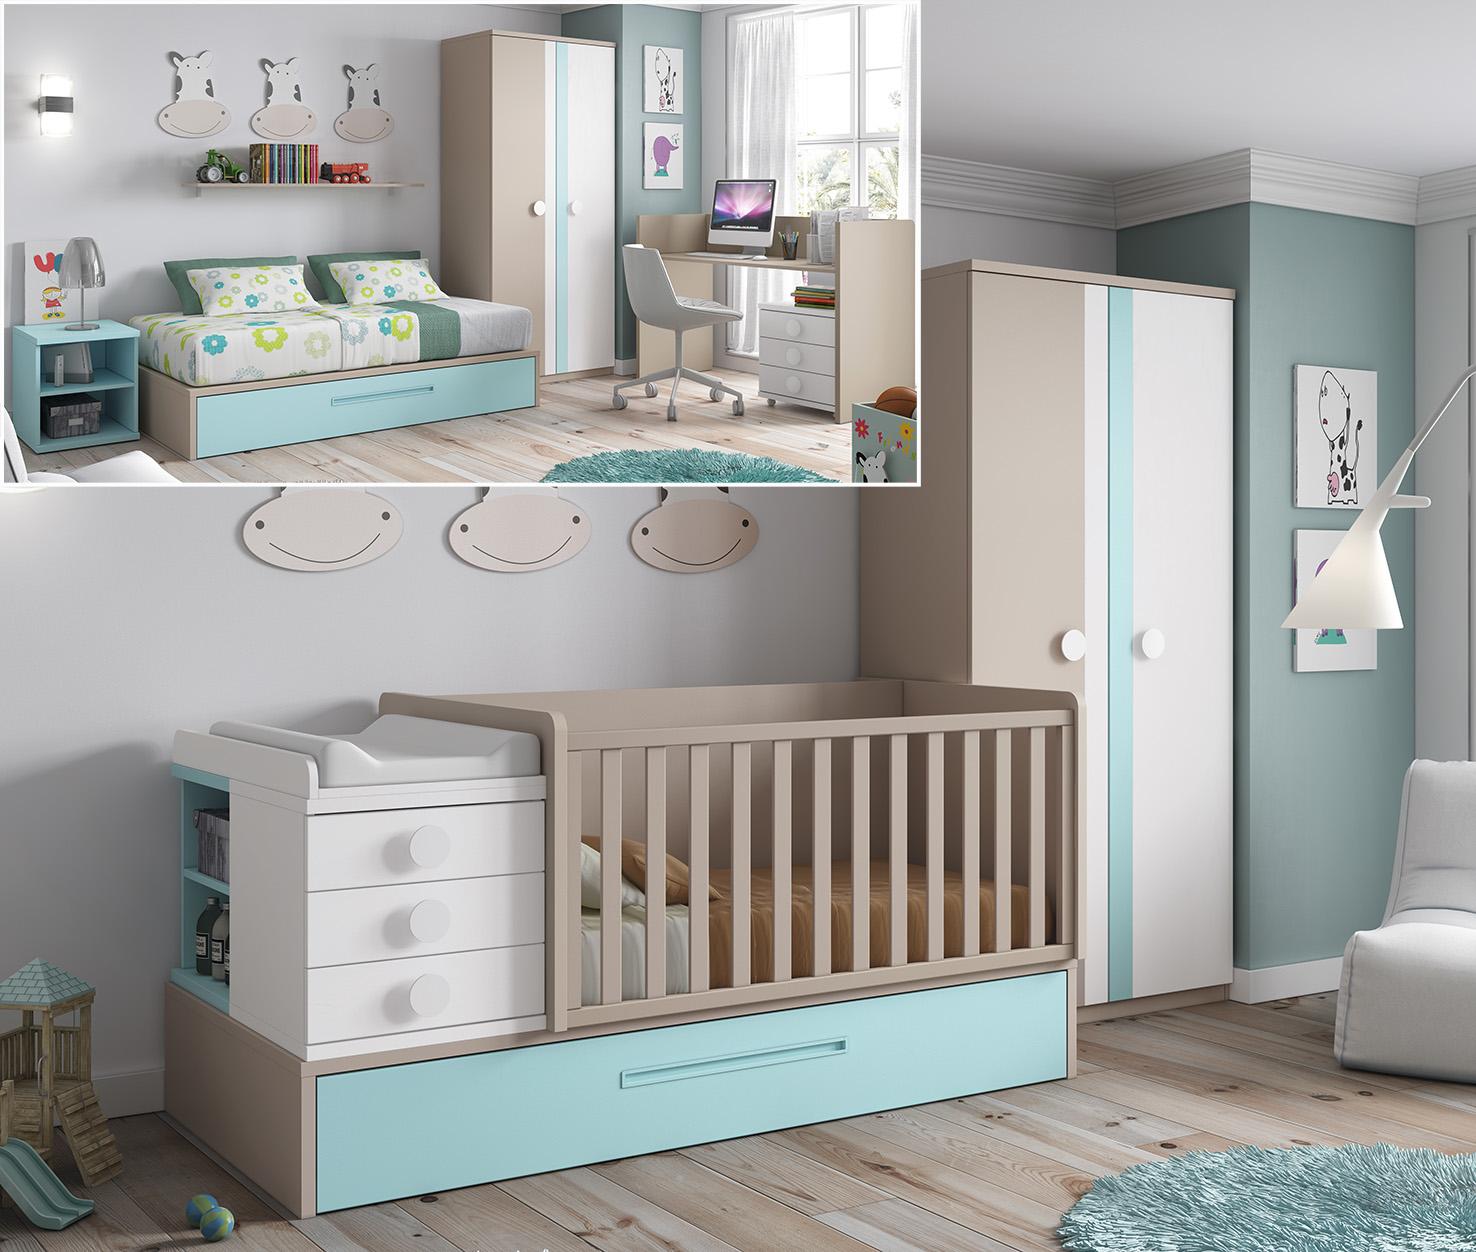 Habitaciones Infantiles Convertibles Todo Son Ventajas ~ Dormitorios Infantiles A Medida